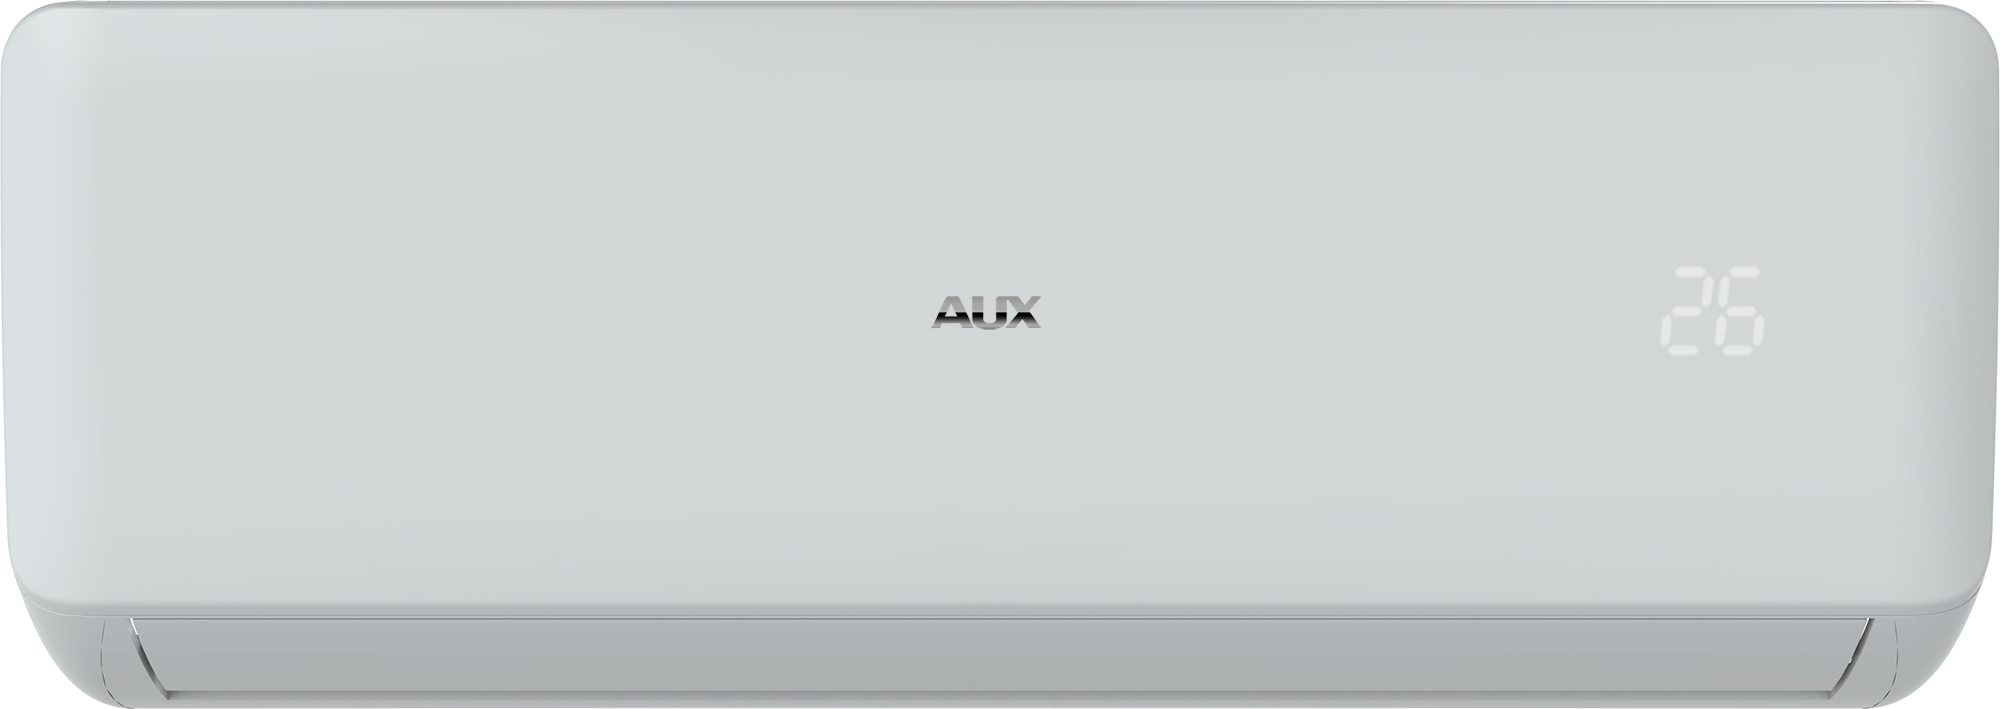 Кондиционер настенный AUX ASW-H12A4/FAR1